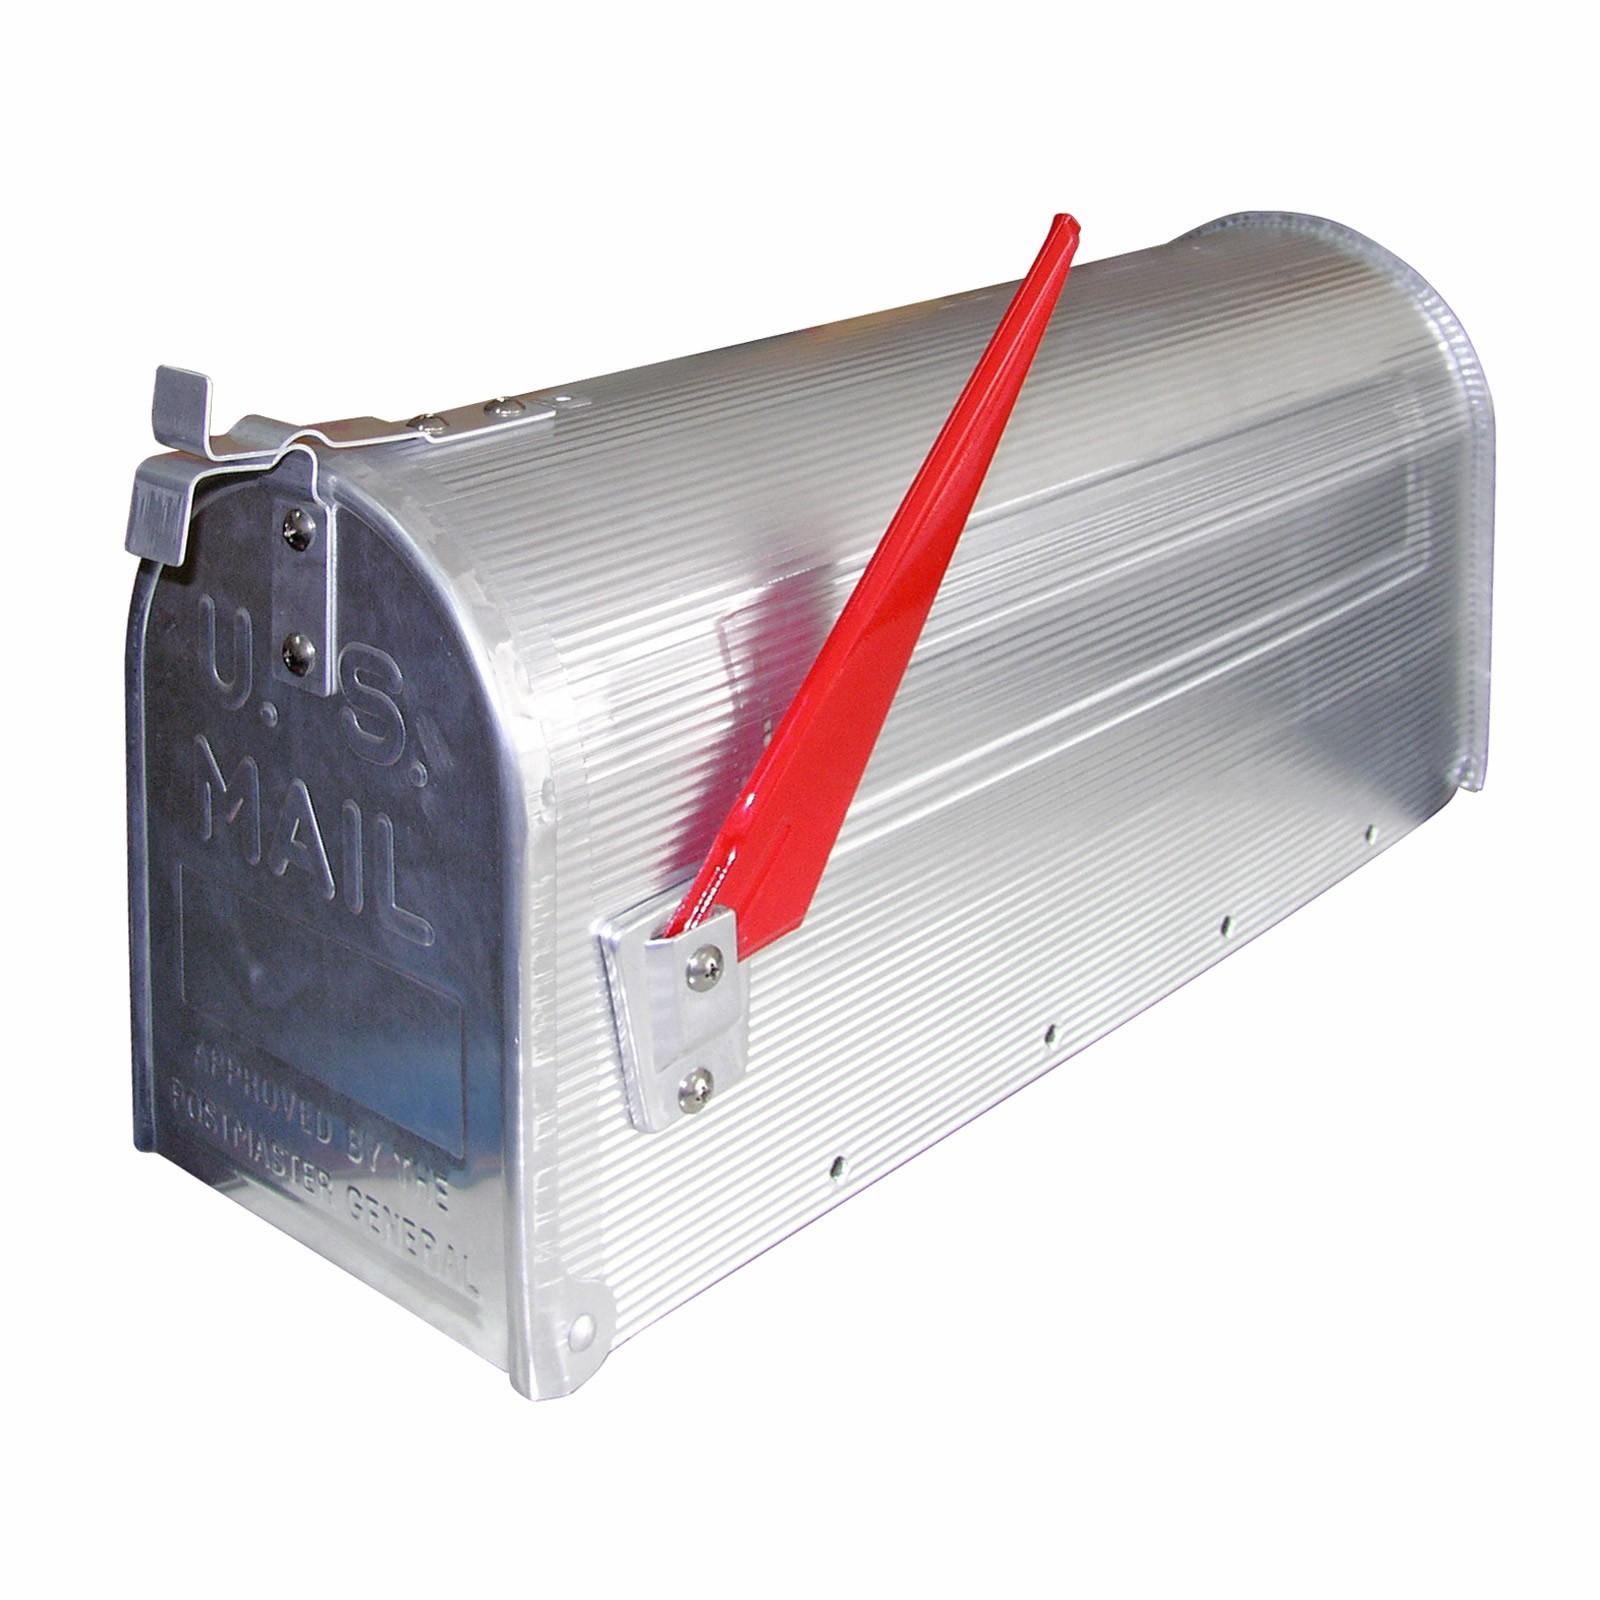 amerikanischer briefkasten american mailbox aus alu silber